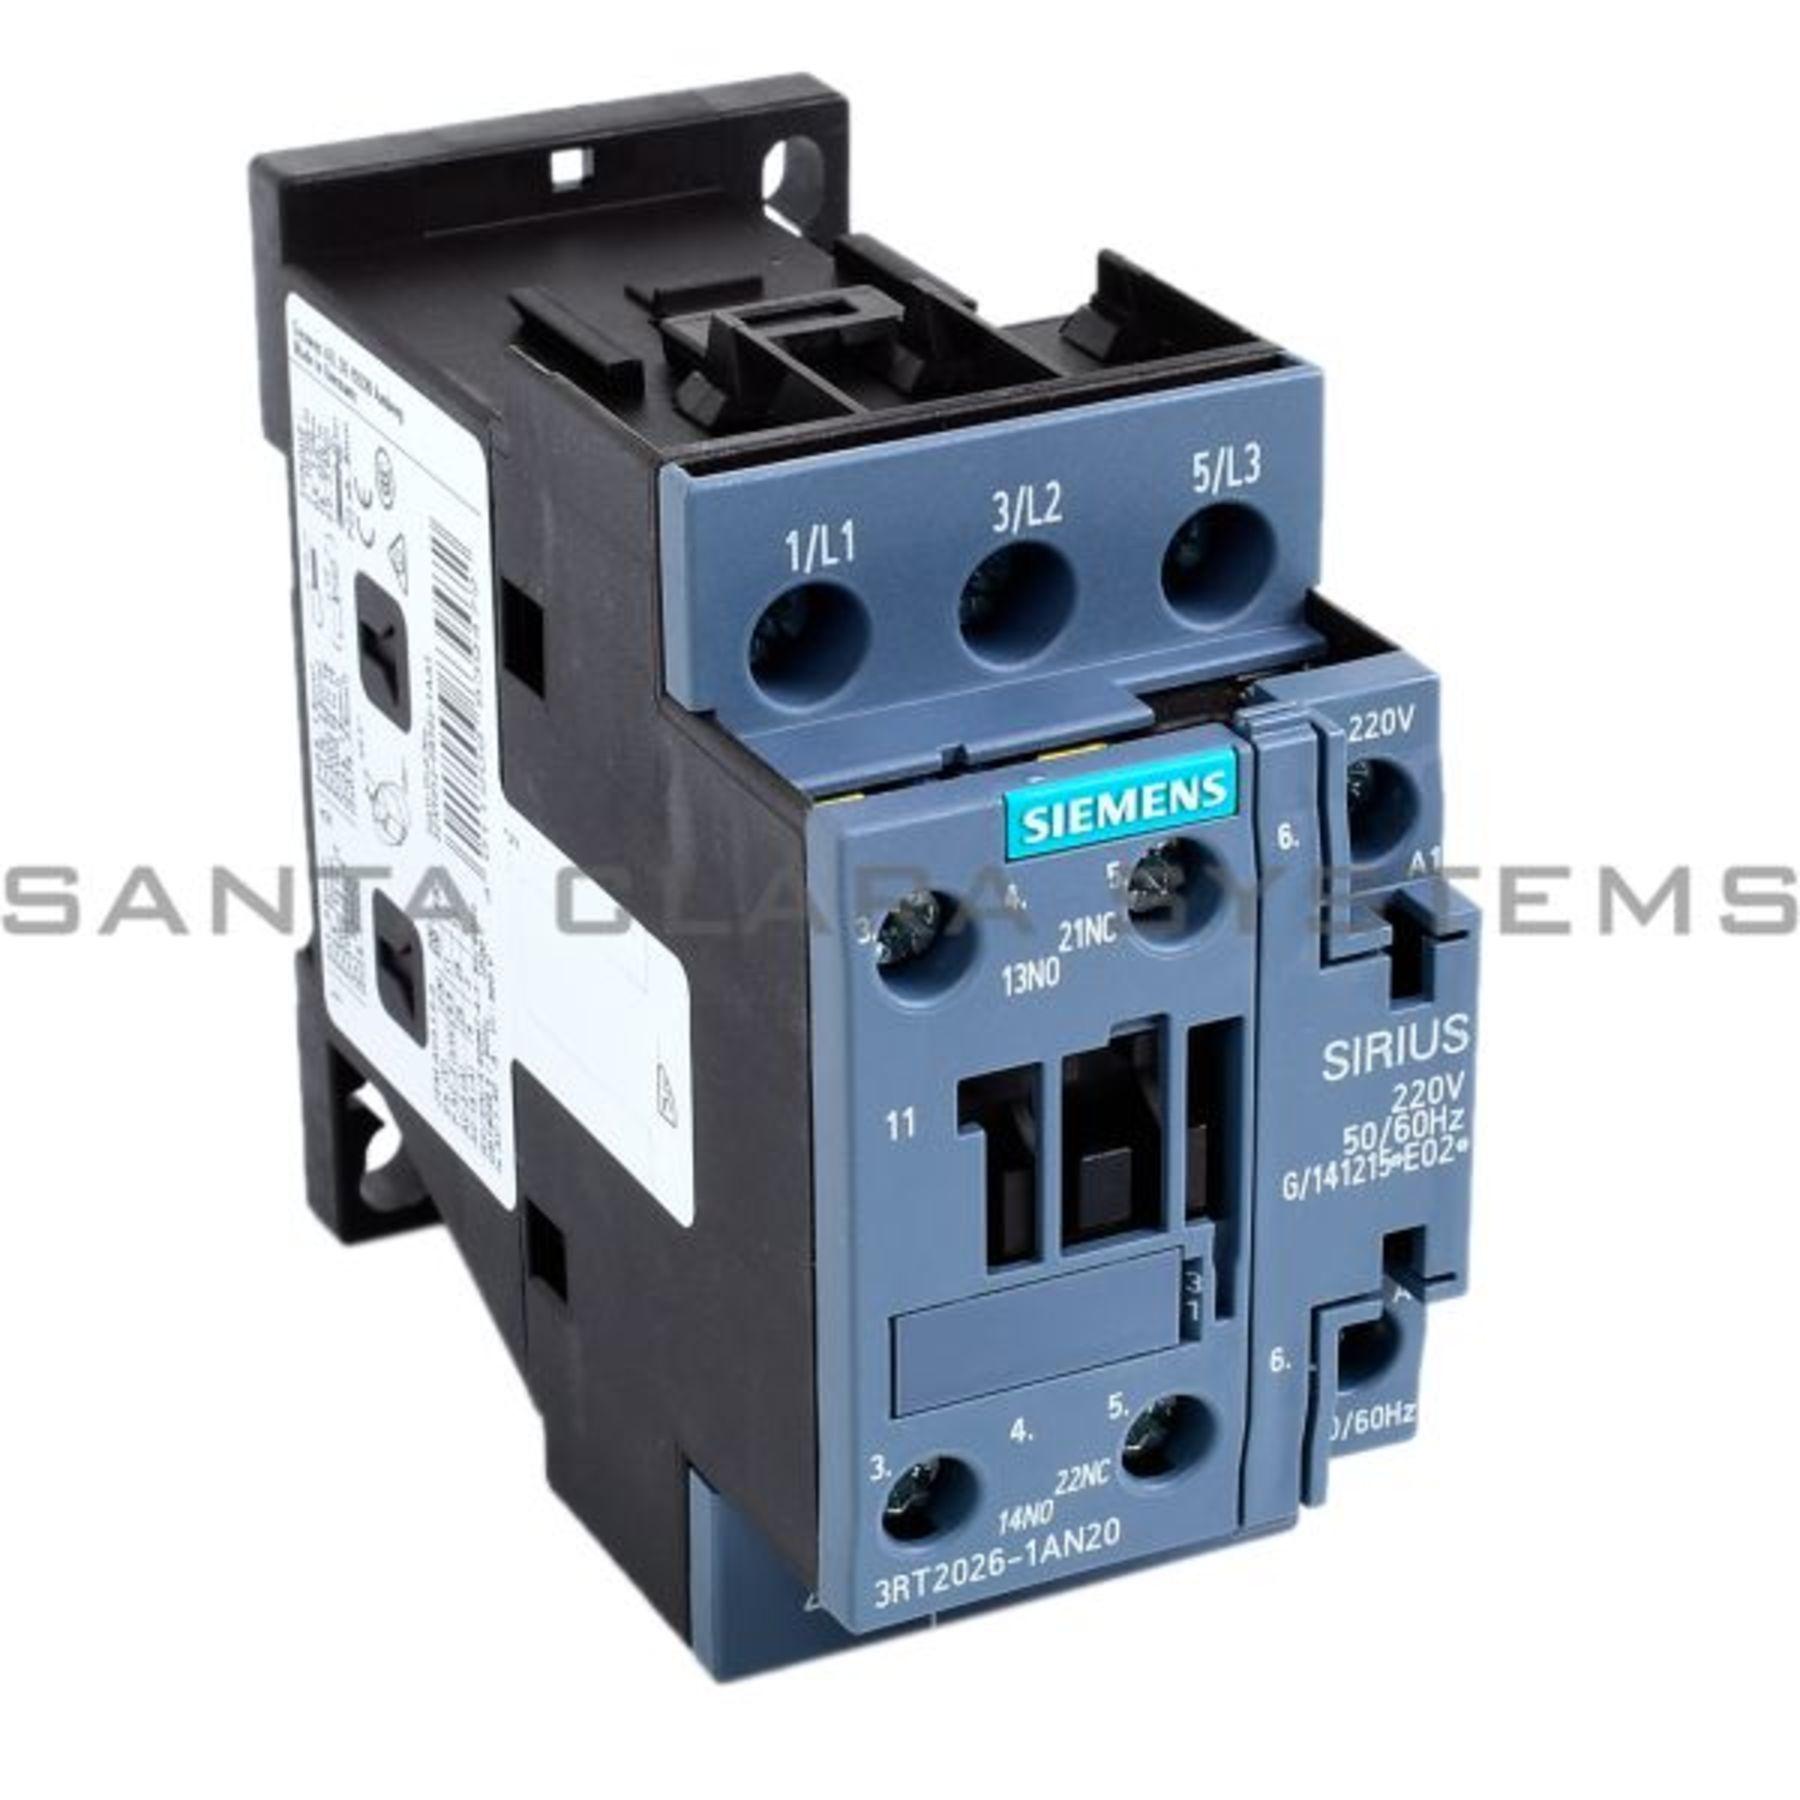 Siemens Contactor   www.topsimages.com